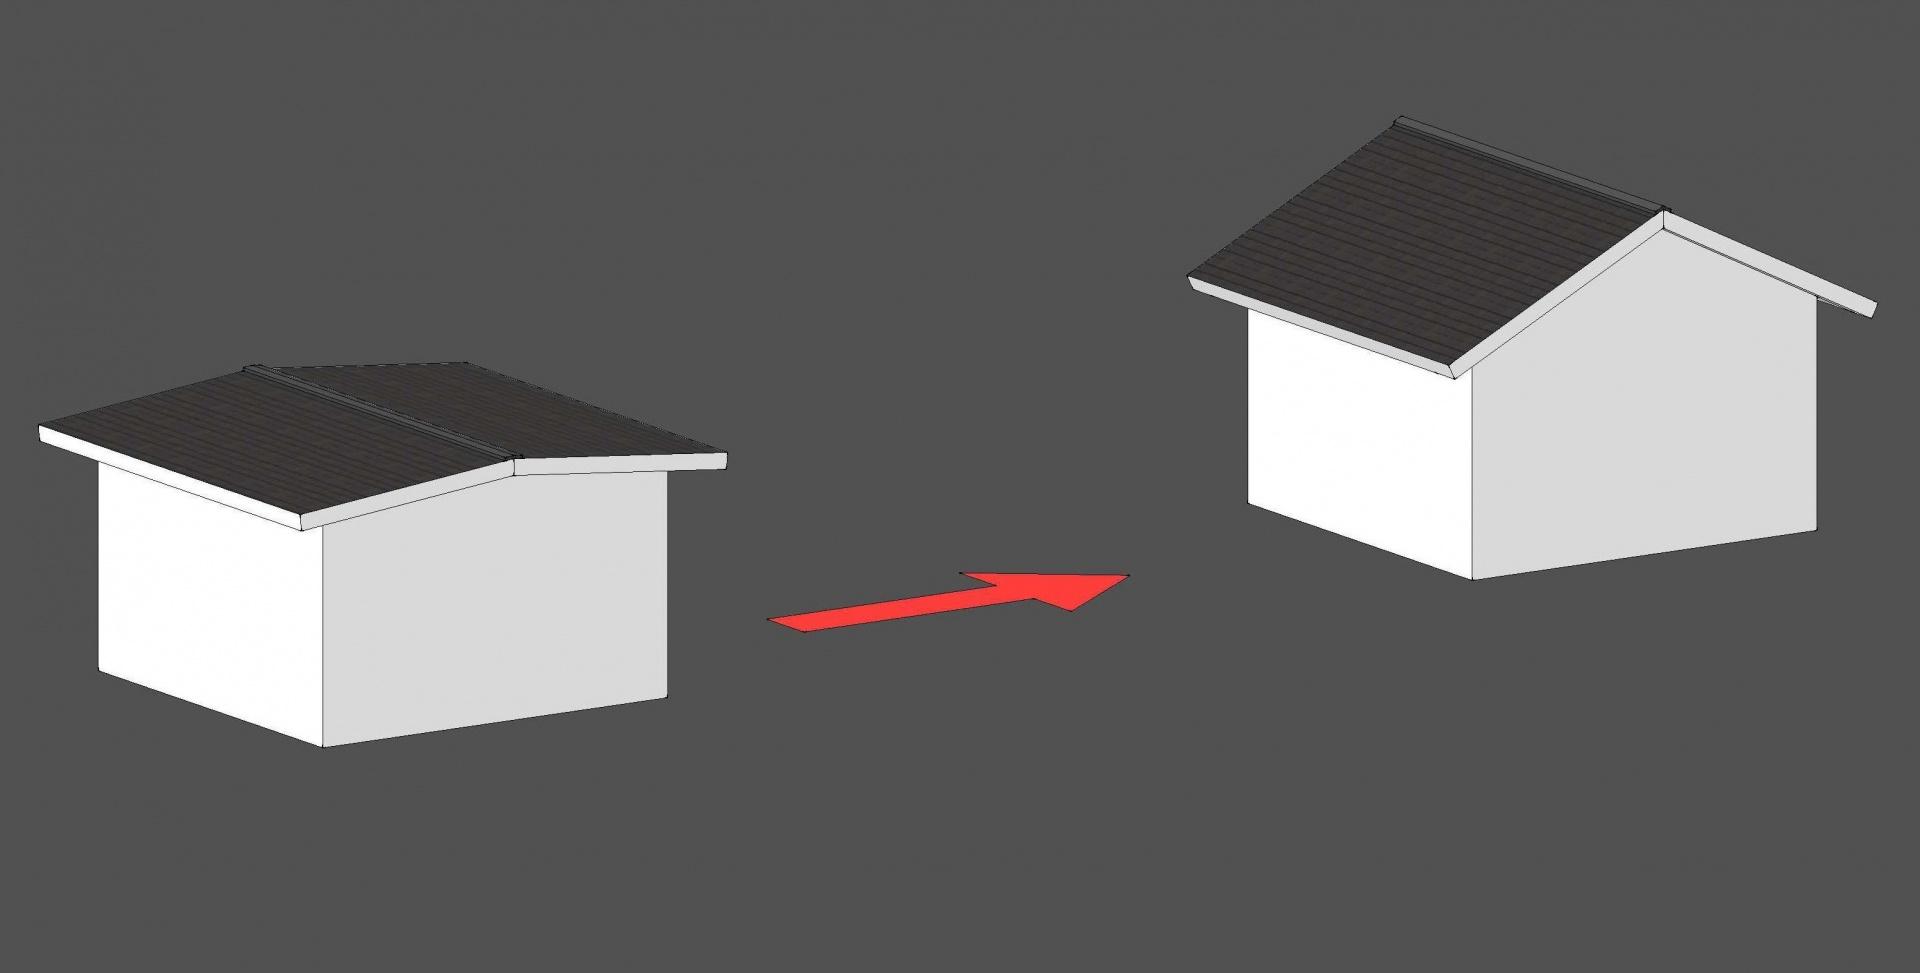 屋根葺材を変えず勾配を変える